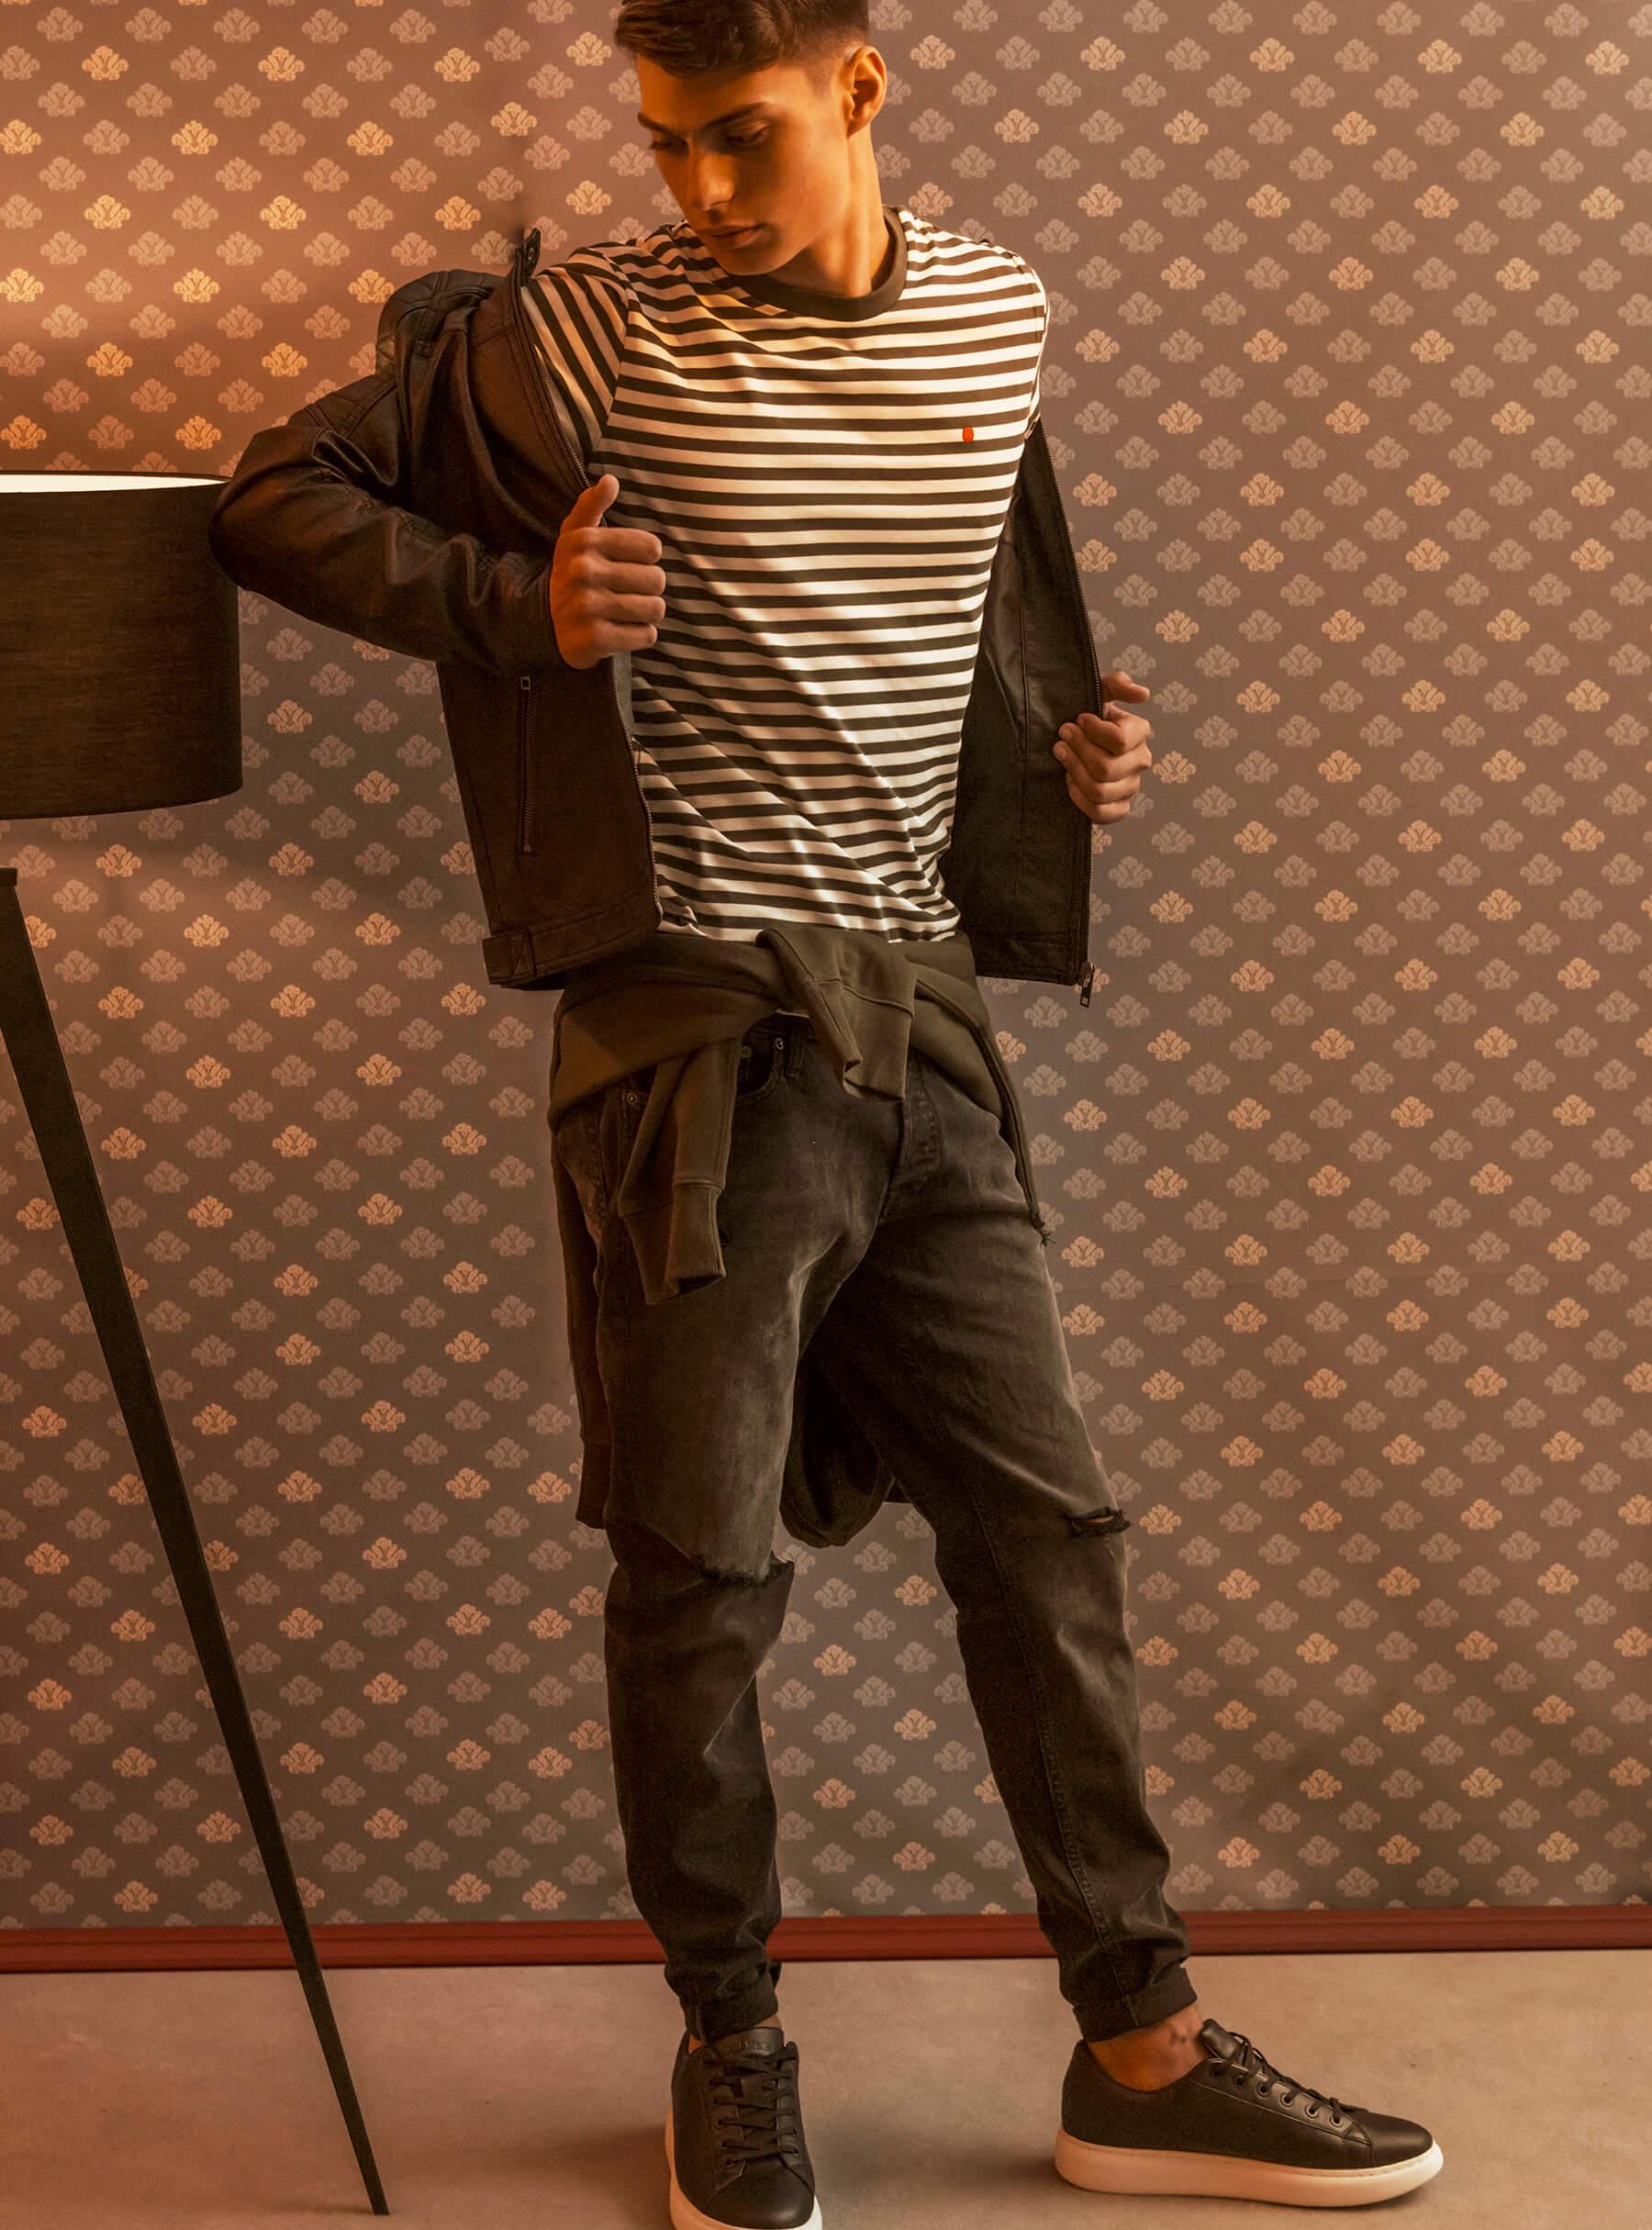 Jack&Jones majica 239 hrk  Jack&Jones pulover 479 hrk Jack&Jones hlače 399 hrk Jack&Jones superge 479 hrk